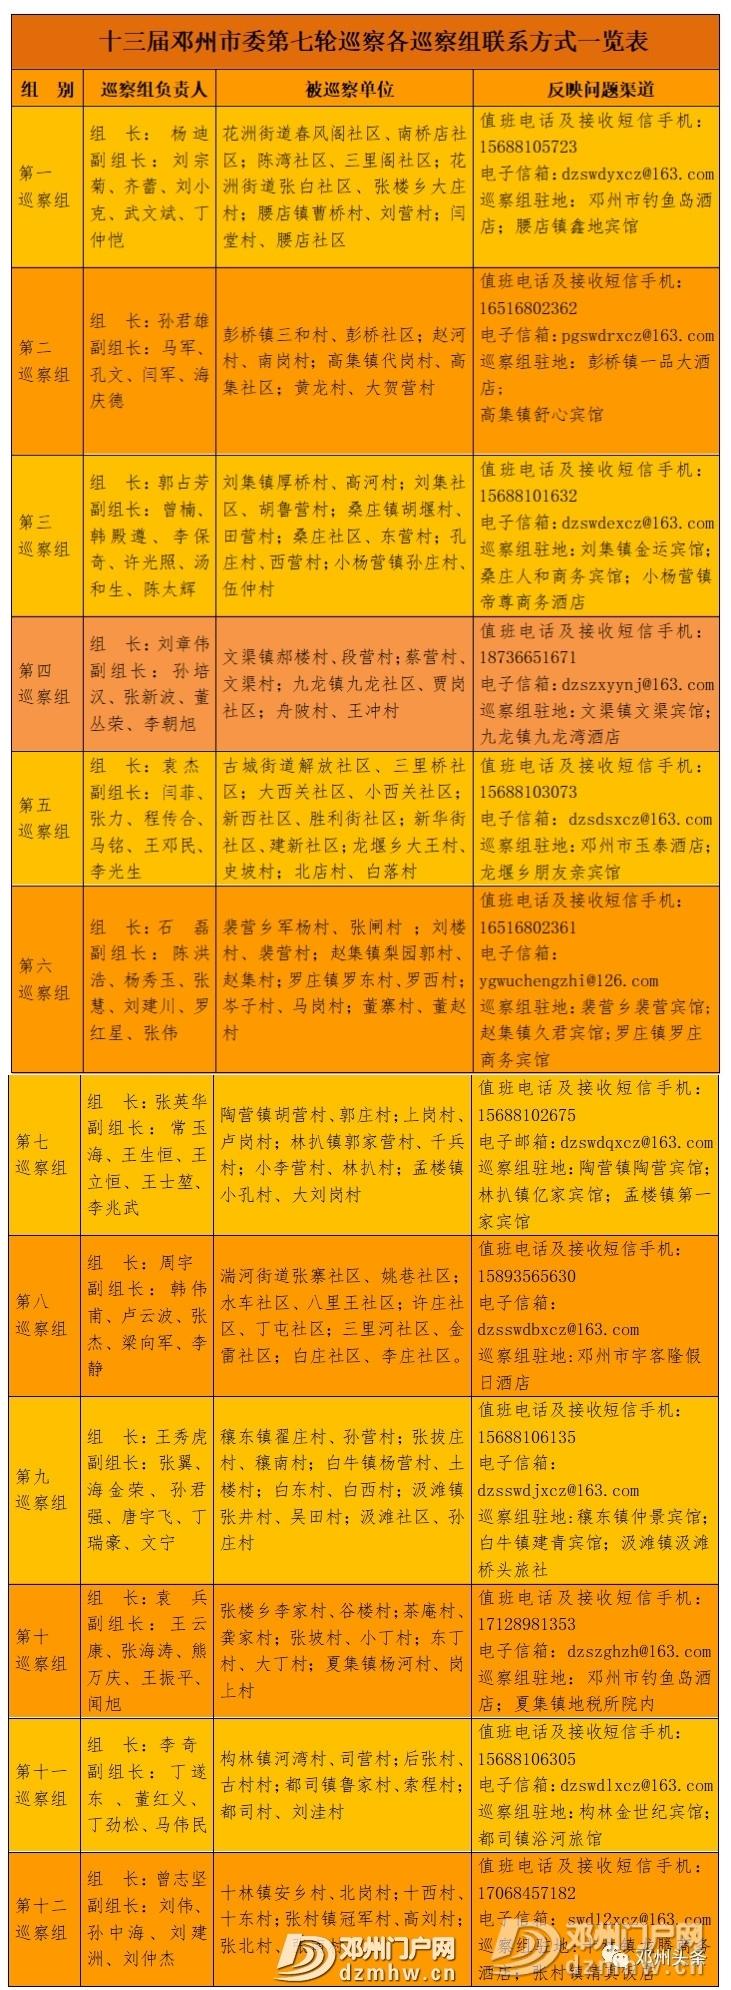 十三届邓州市委第七轮巡察全部进驻,12个巡察组联系方式公布! - 邓州门户网 邓州网 - 6d1552bf9b0e98a93550b5b7aabc64f5.jpg